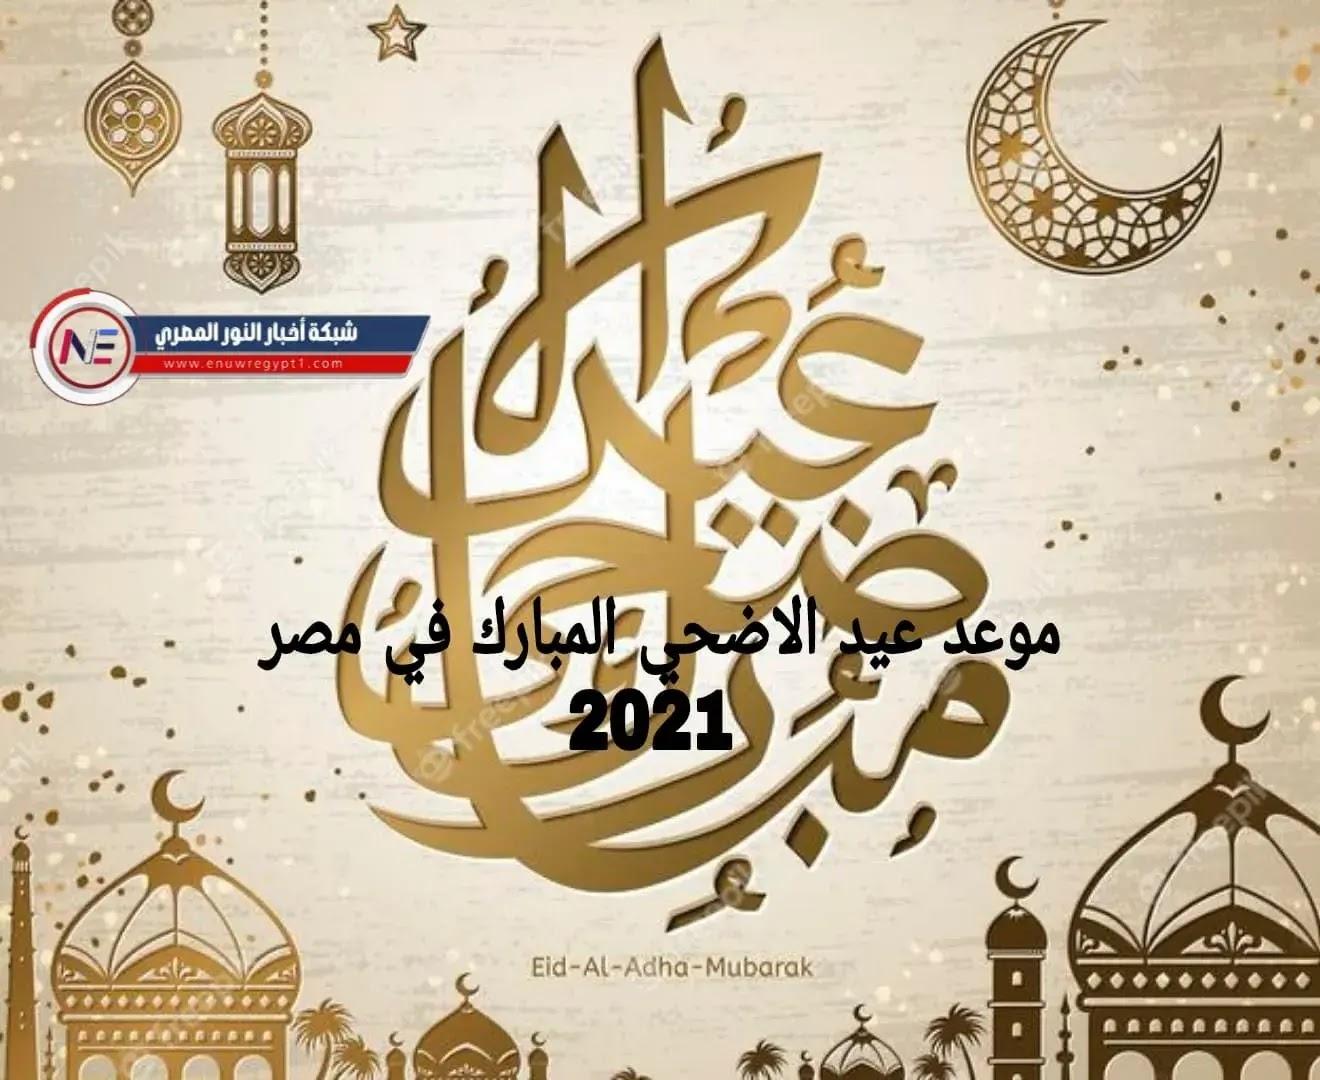 فلكيا .. موعد عيد الاضحي المبارك في مصر 2021-1442  والوطن العربي | موعد يوم وقفة عرفه  Eid al-Adha